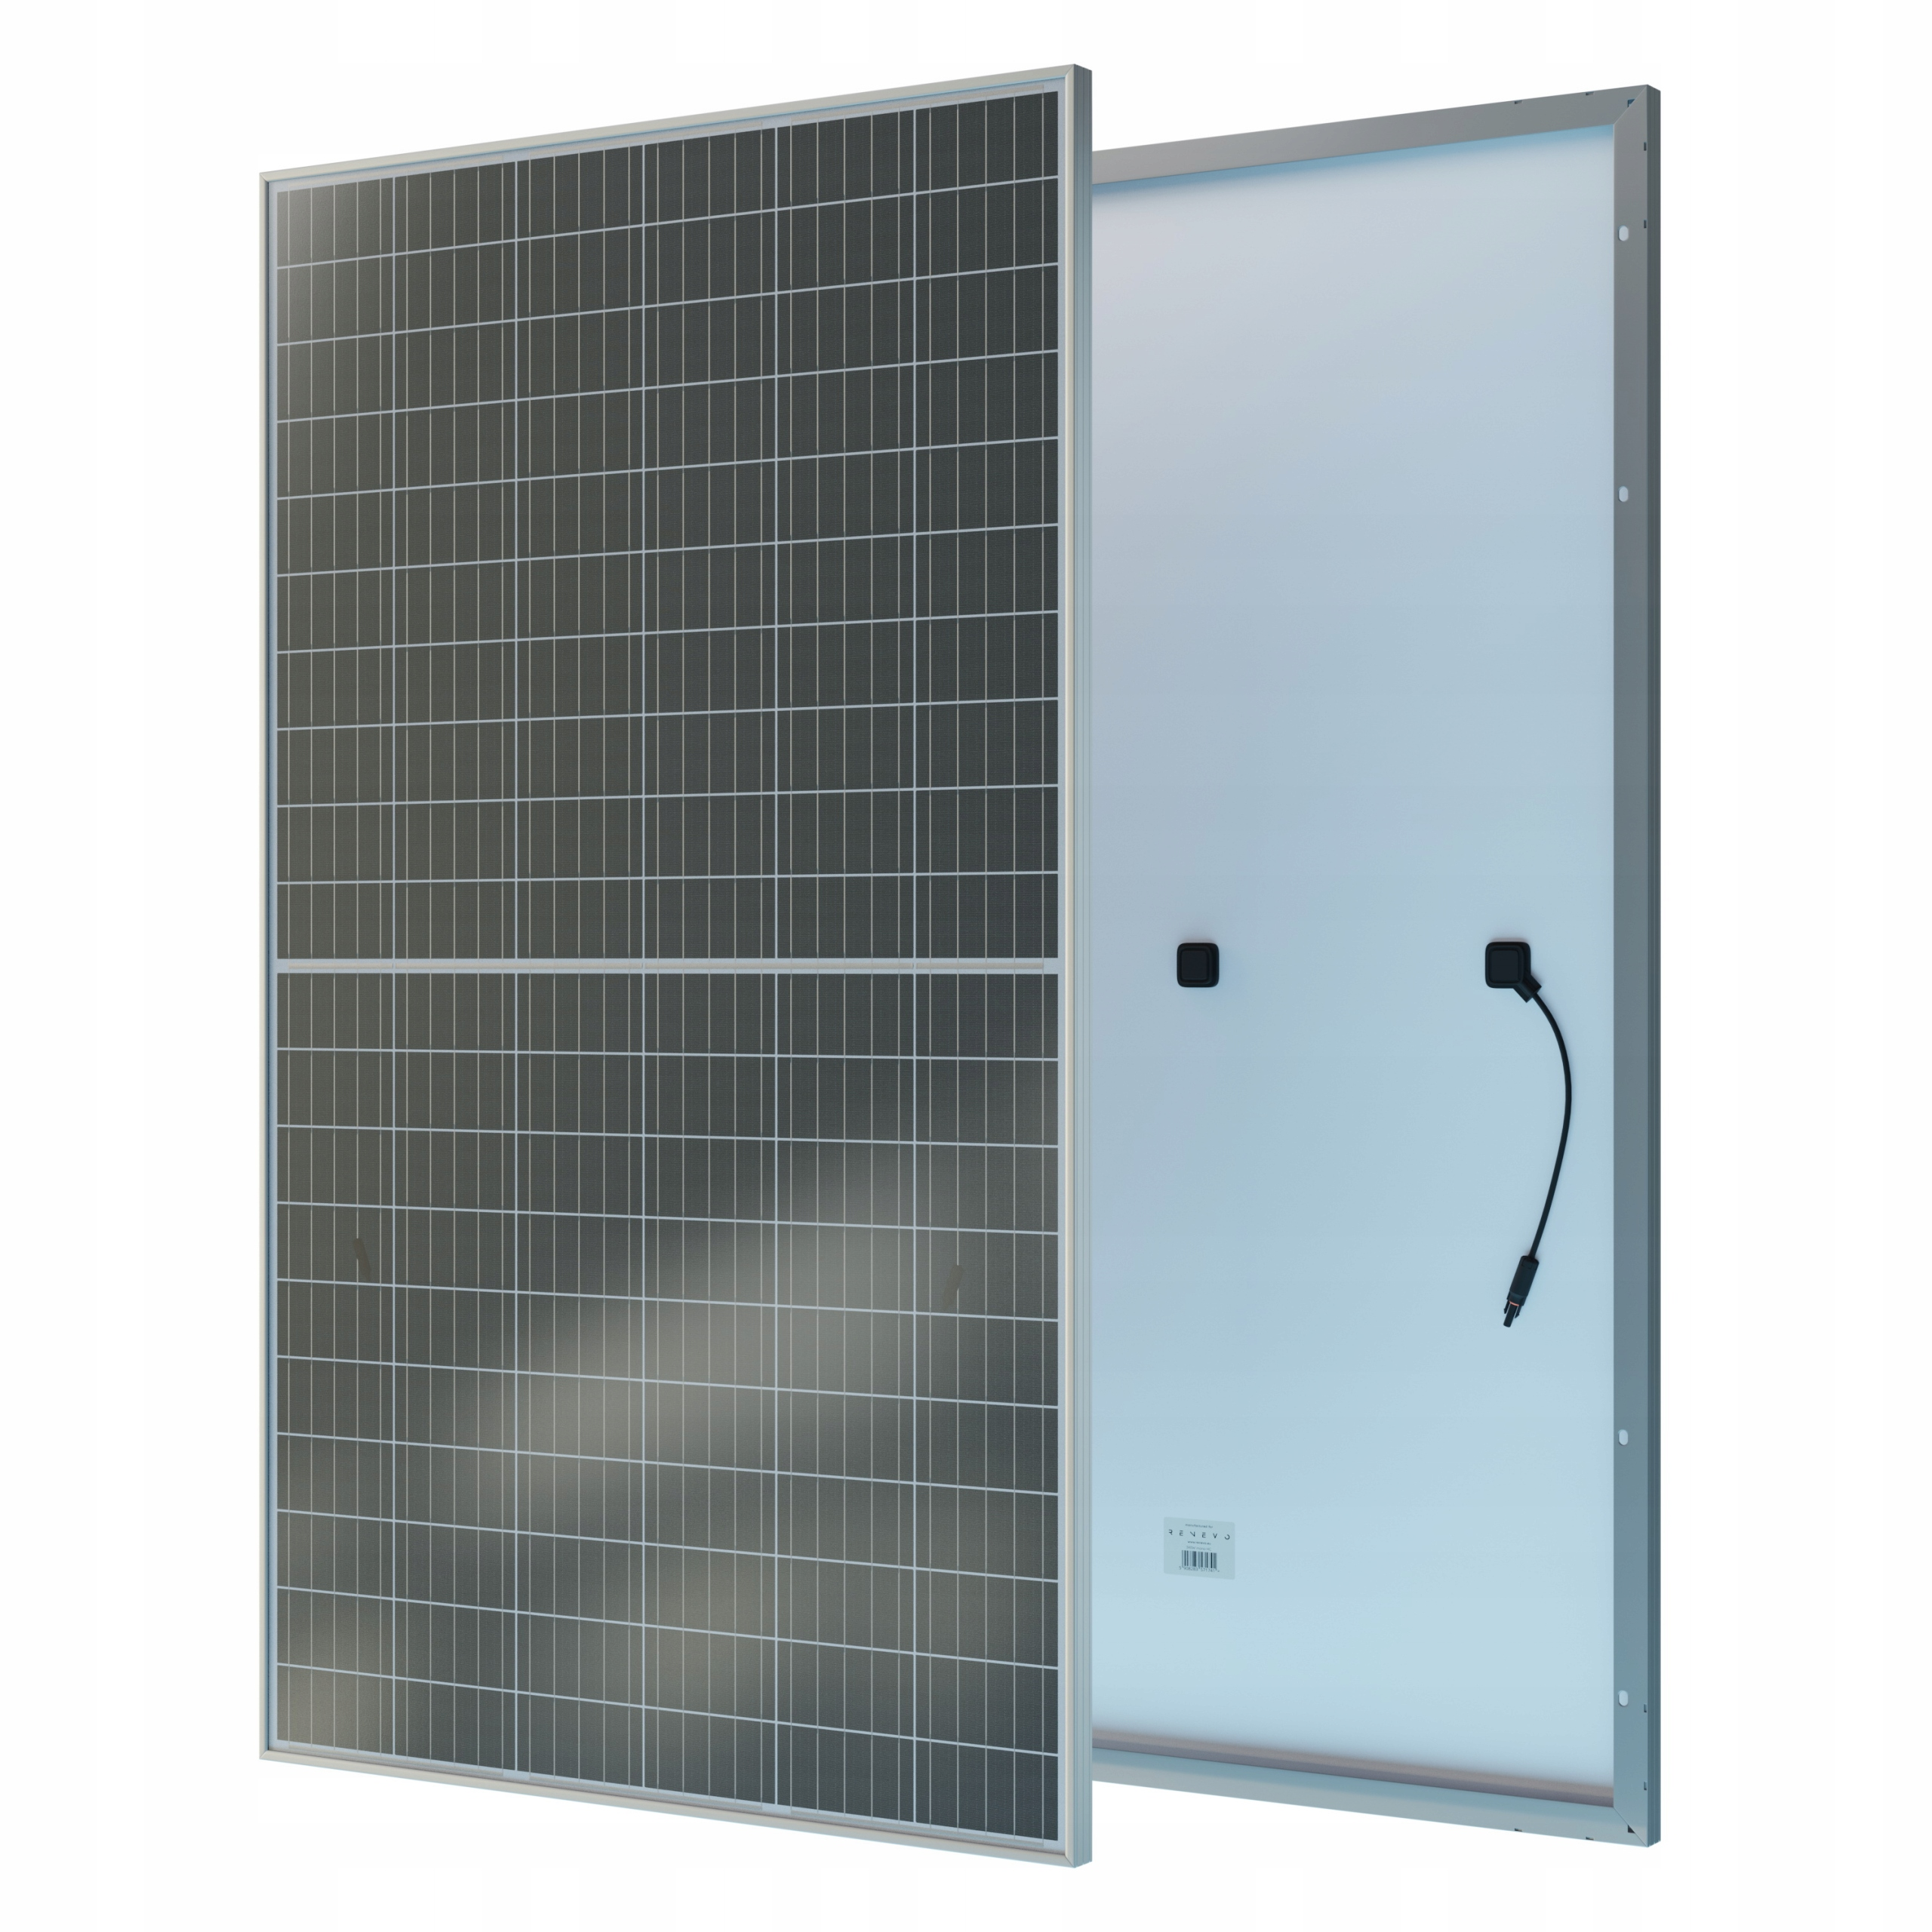 Моно солнечные панели Half-Cut PERC мощностью 340 Вт